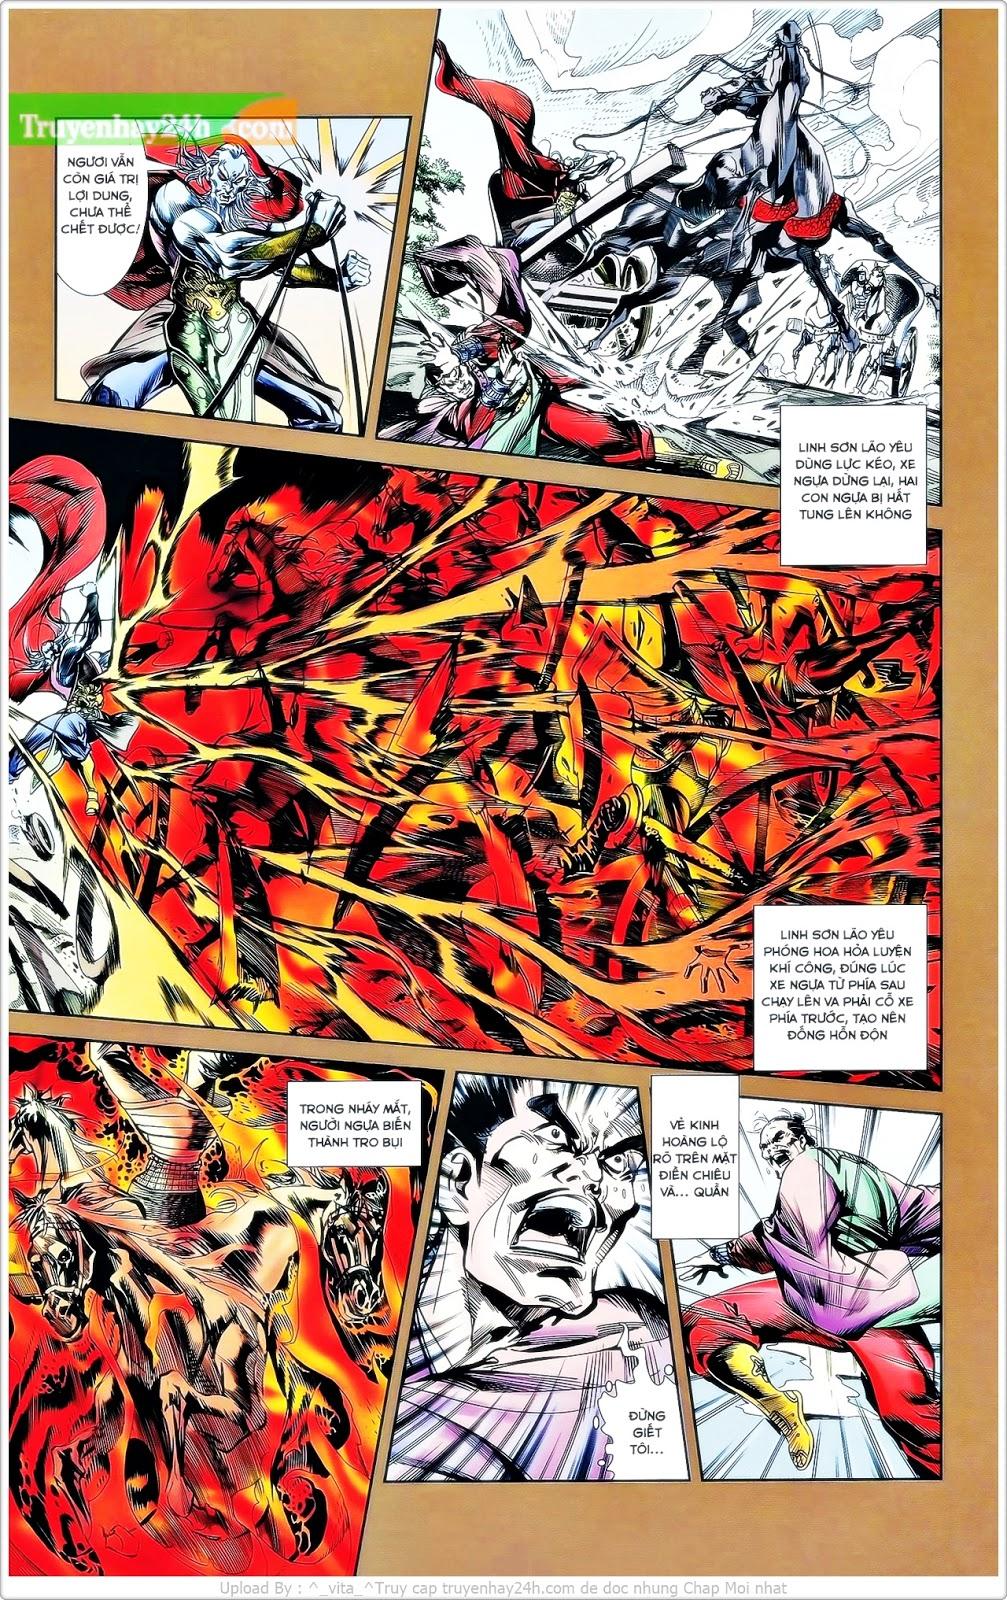 Tần Vương Doanh Chính chapter 26 trang 20